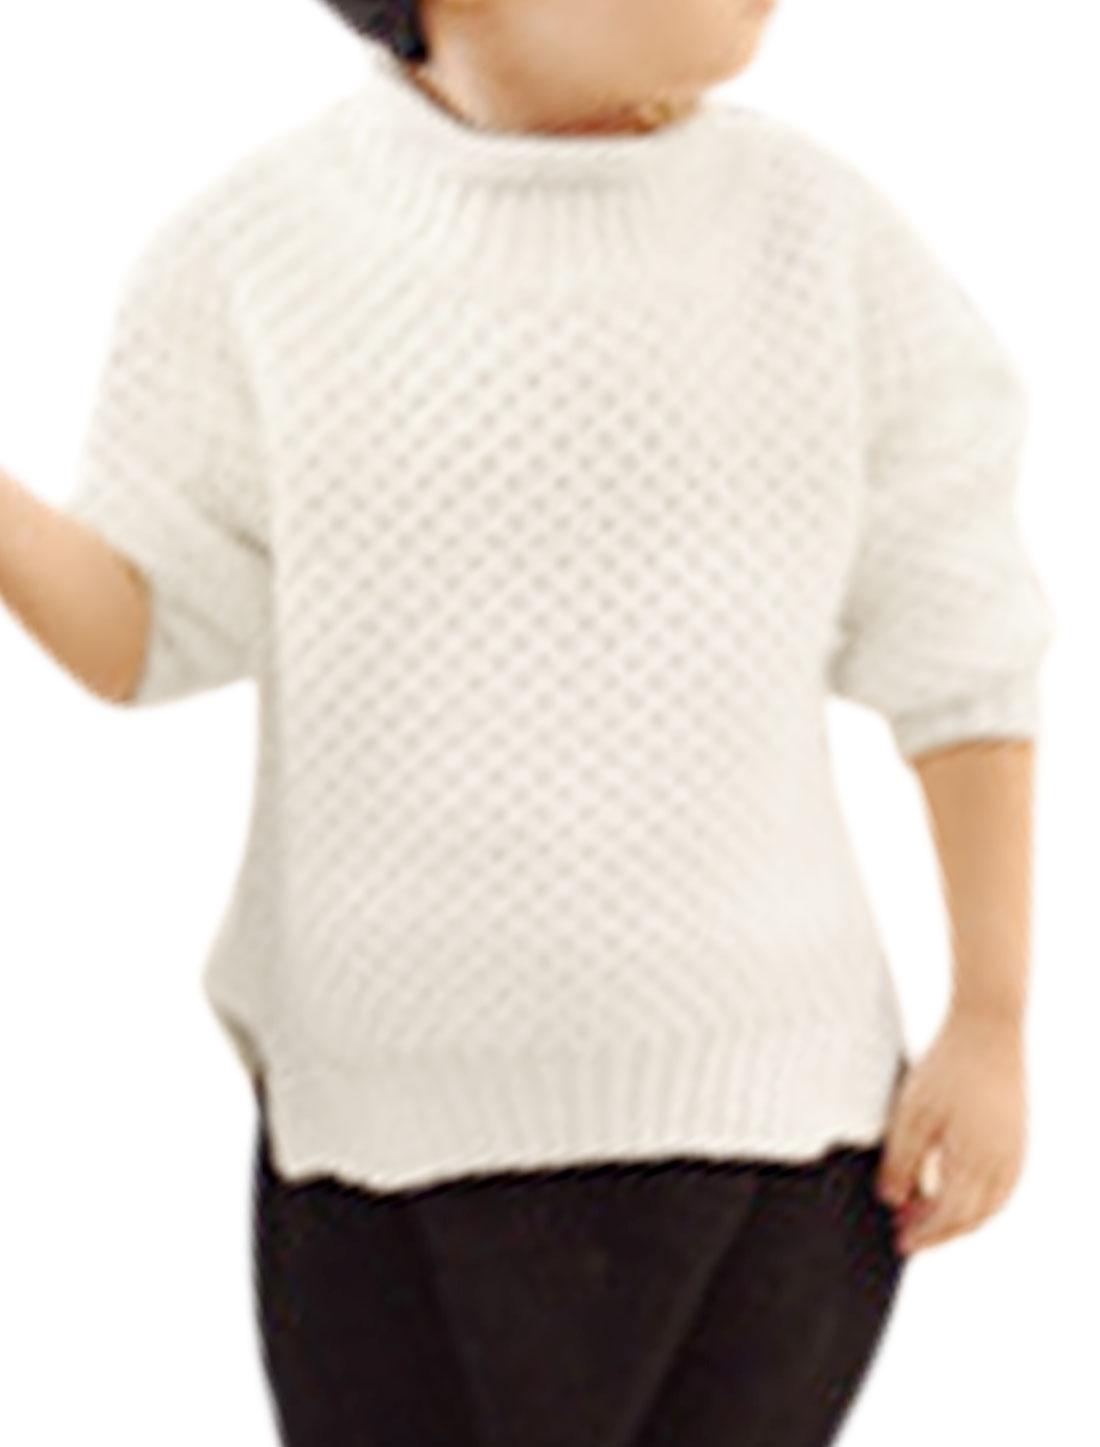 Unisex Long Sleeves Mock Neck Jumper White Girls 14 Boys 16